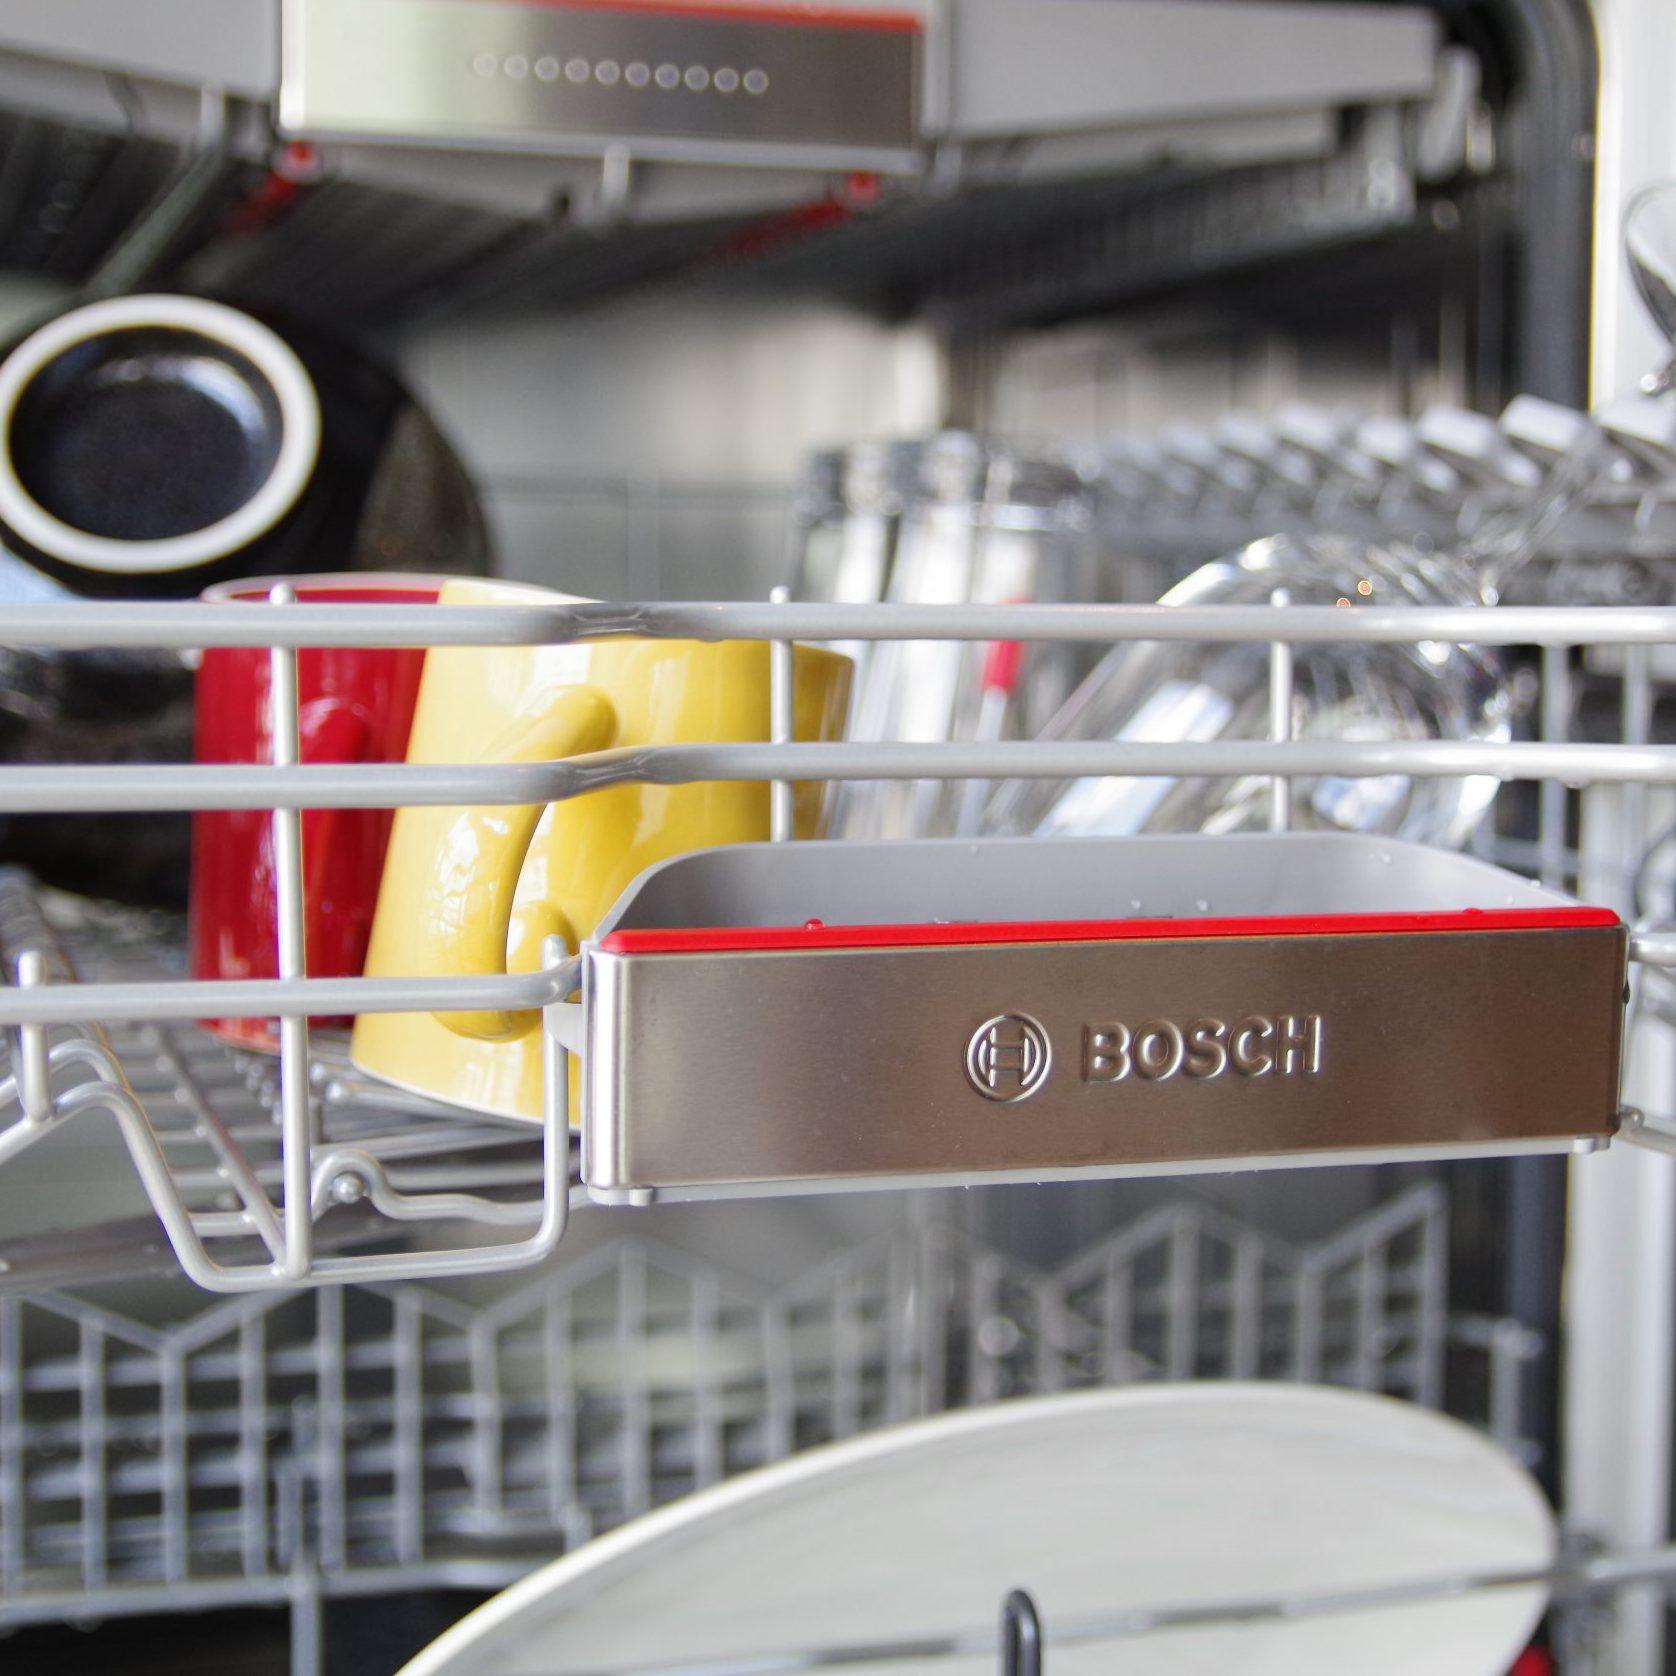 Boschの食器洗い機